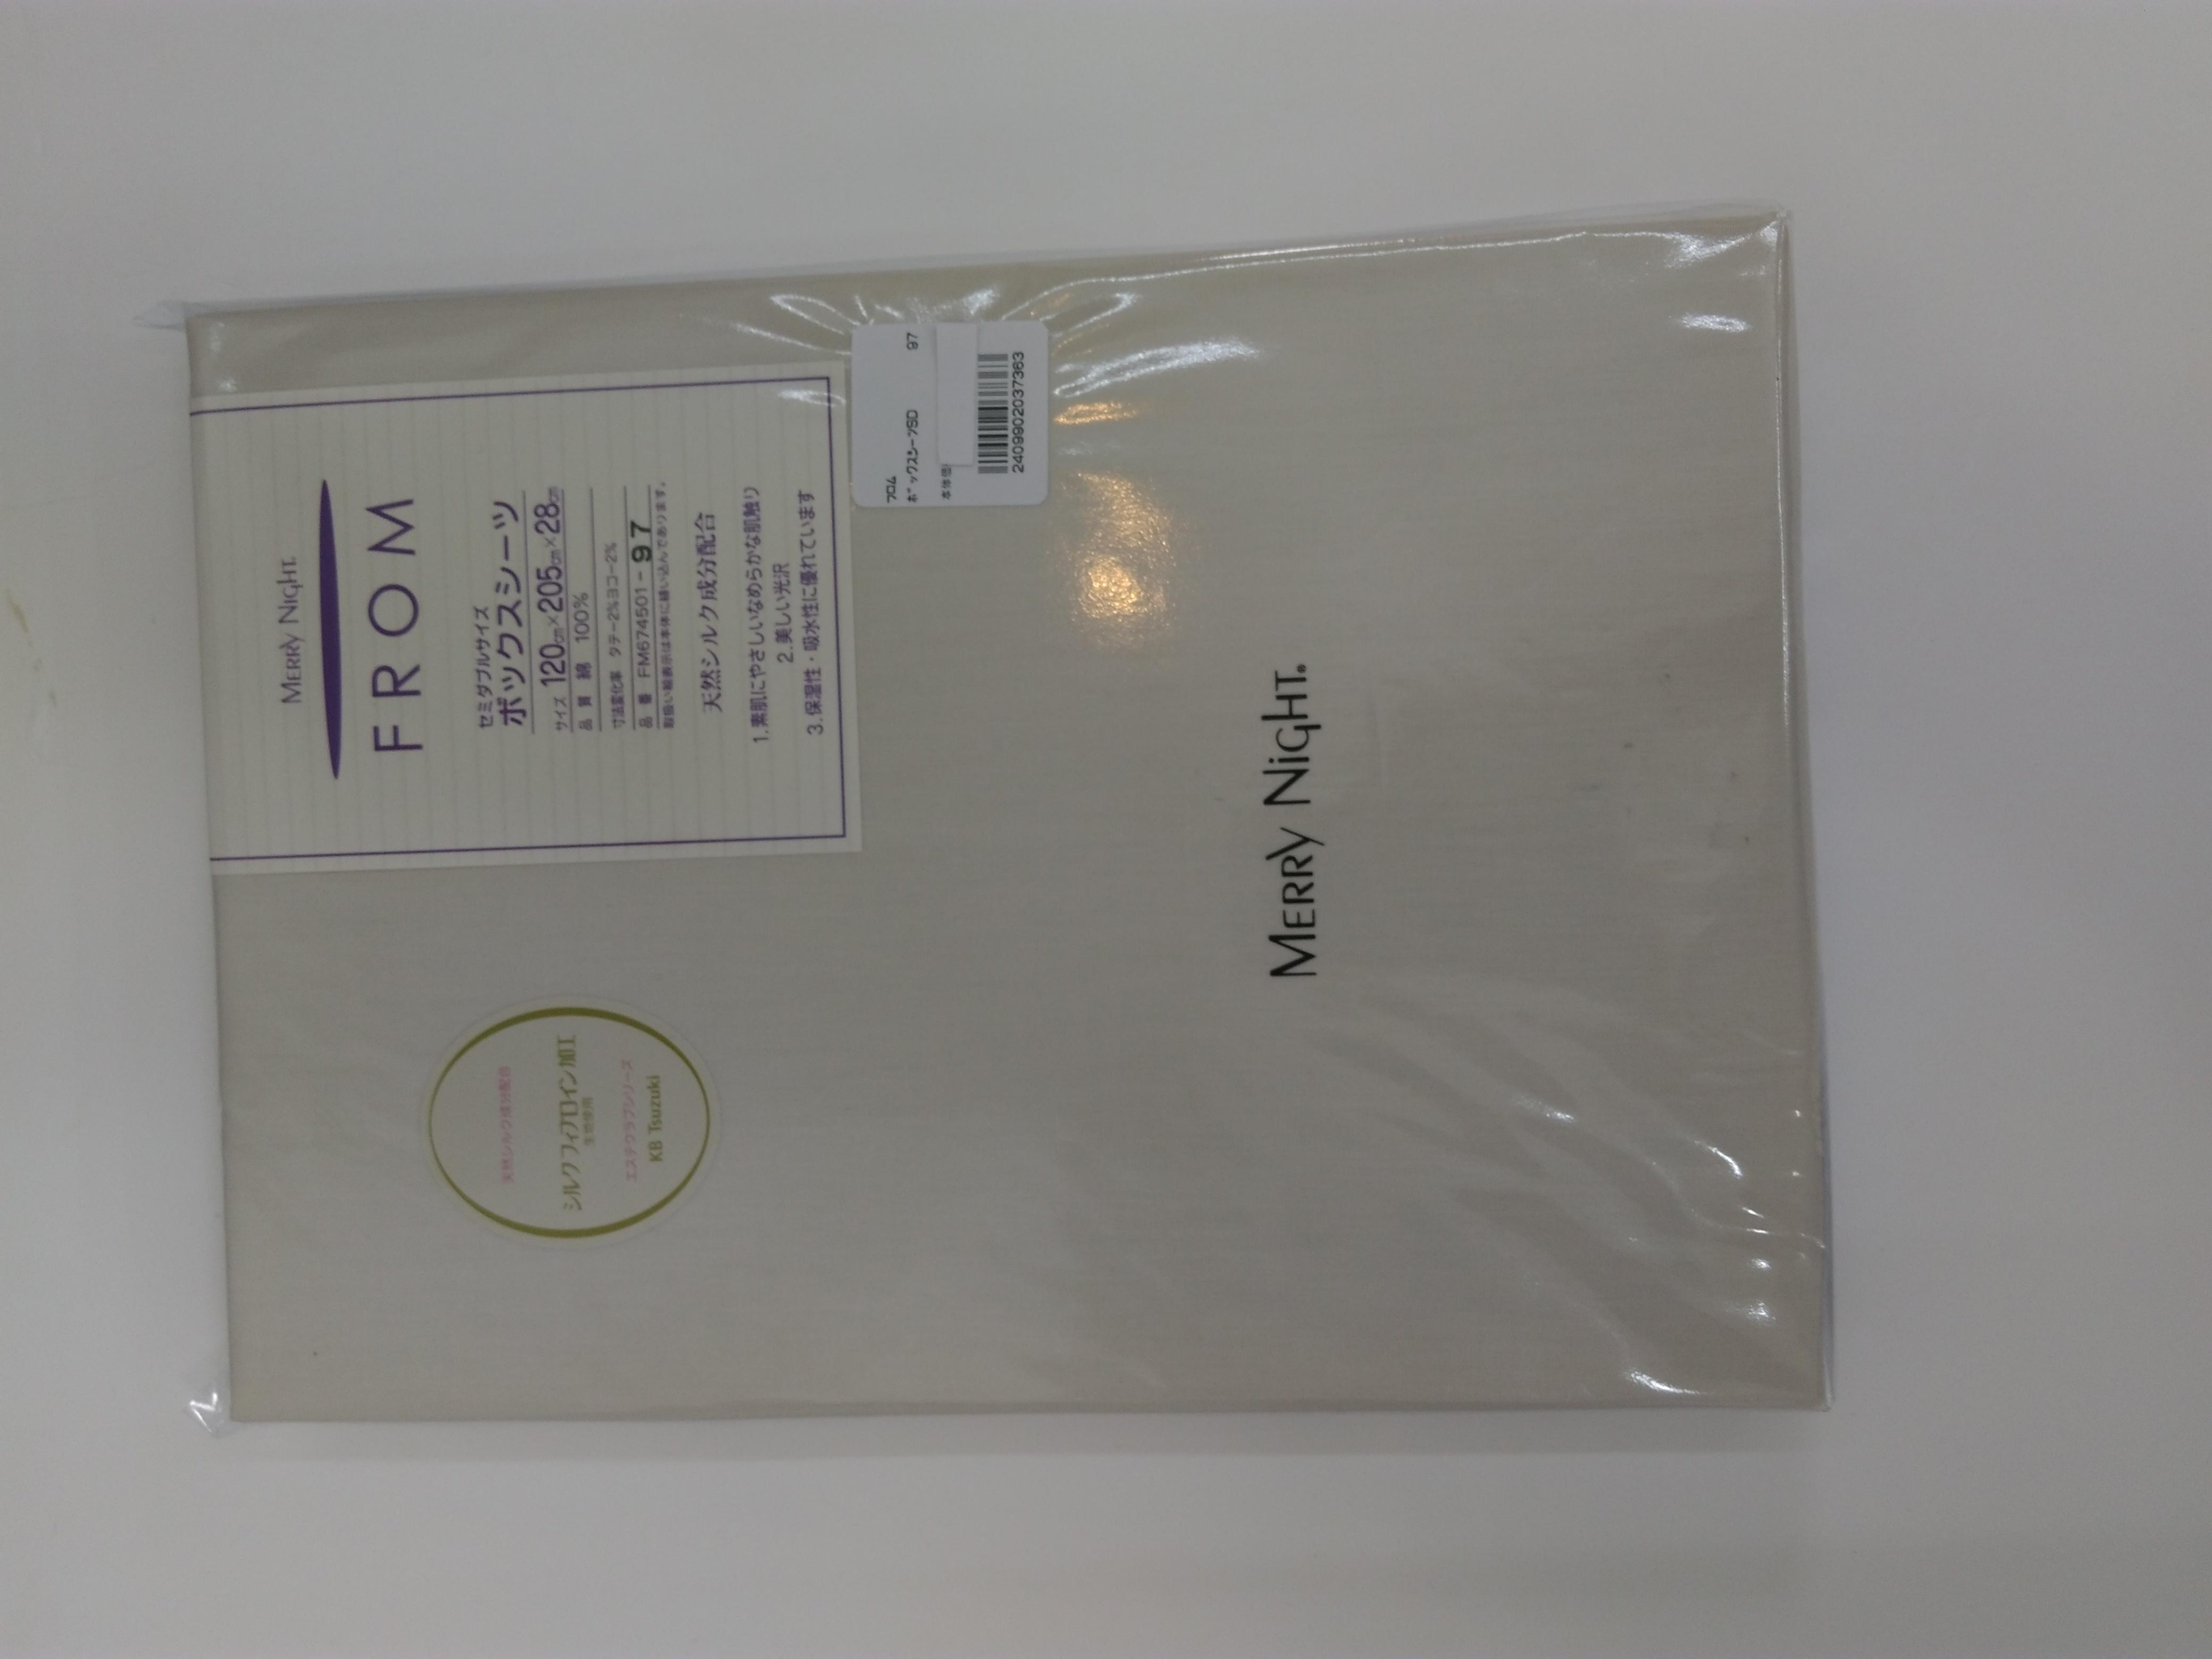 メリーナイト FROM フロムコレクション セミダブルサイズ ボックスシーツ 120X205X28cm バニラ